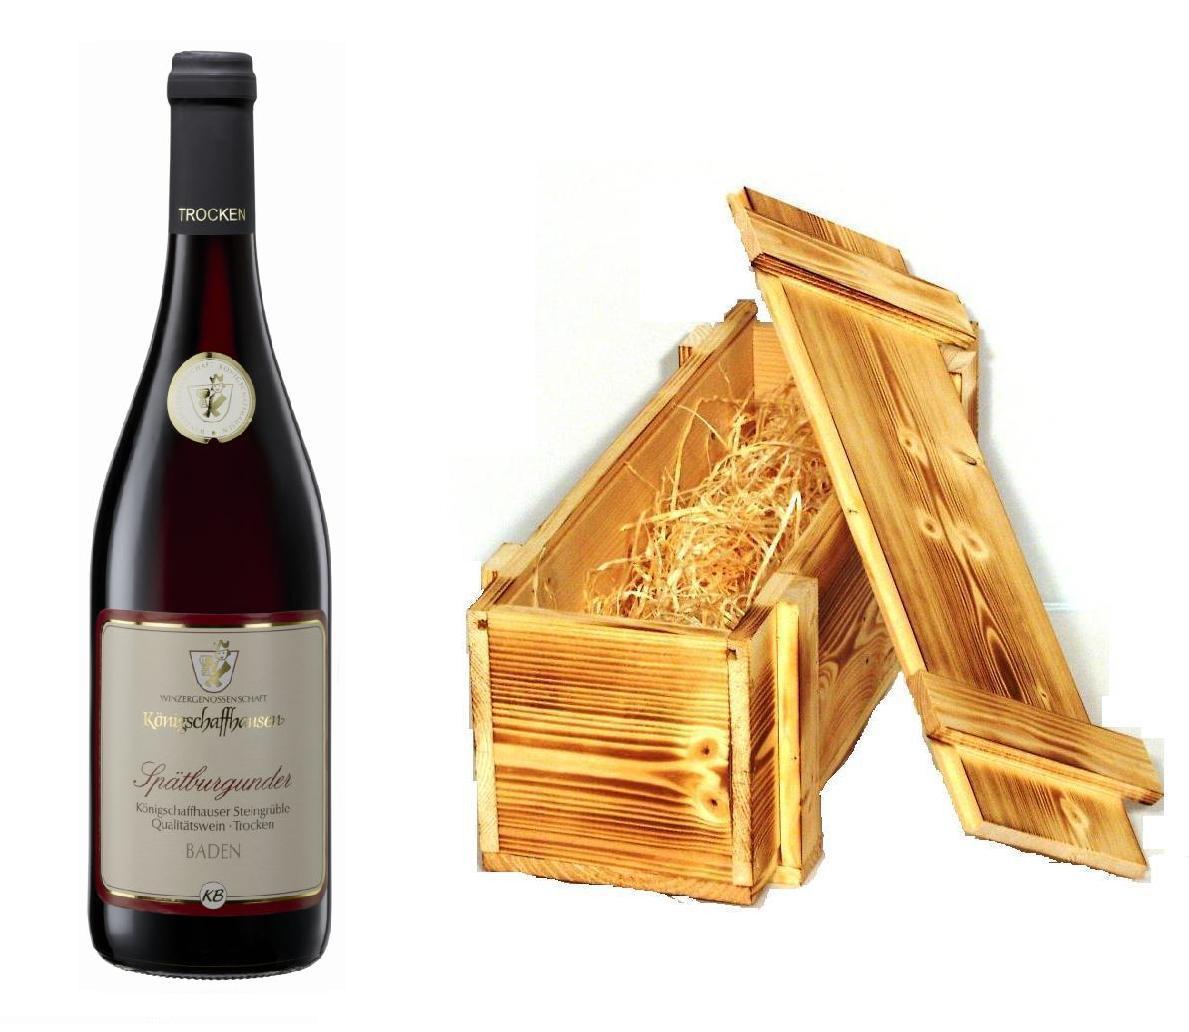 Wein der Marke Königschaffhausen Spätburgunder Steingrüble tr. 2015 13% 0,75l Flasche in Holzkiste